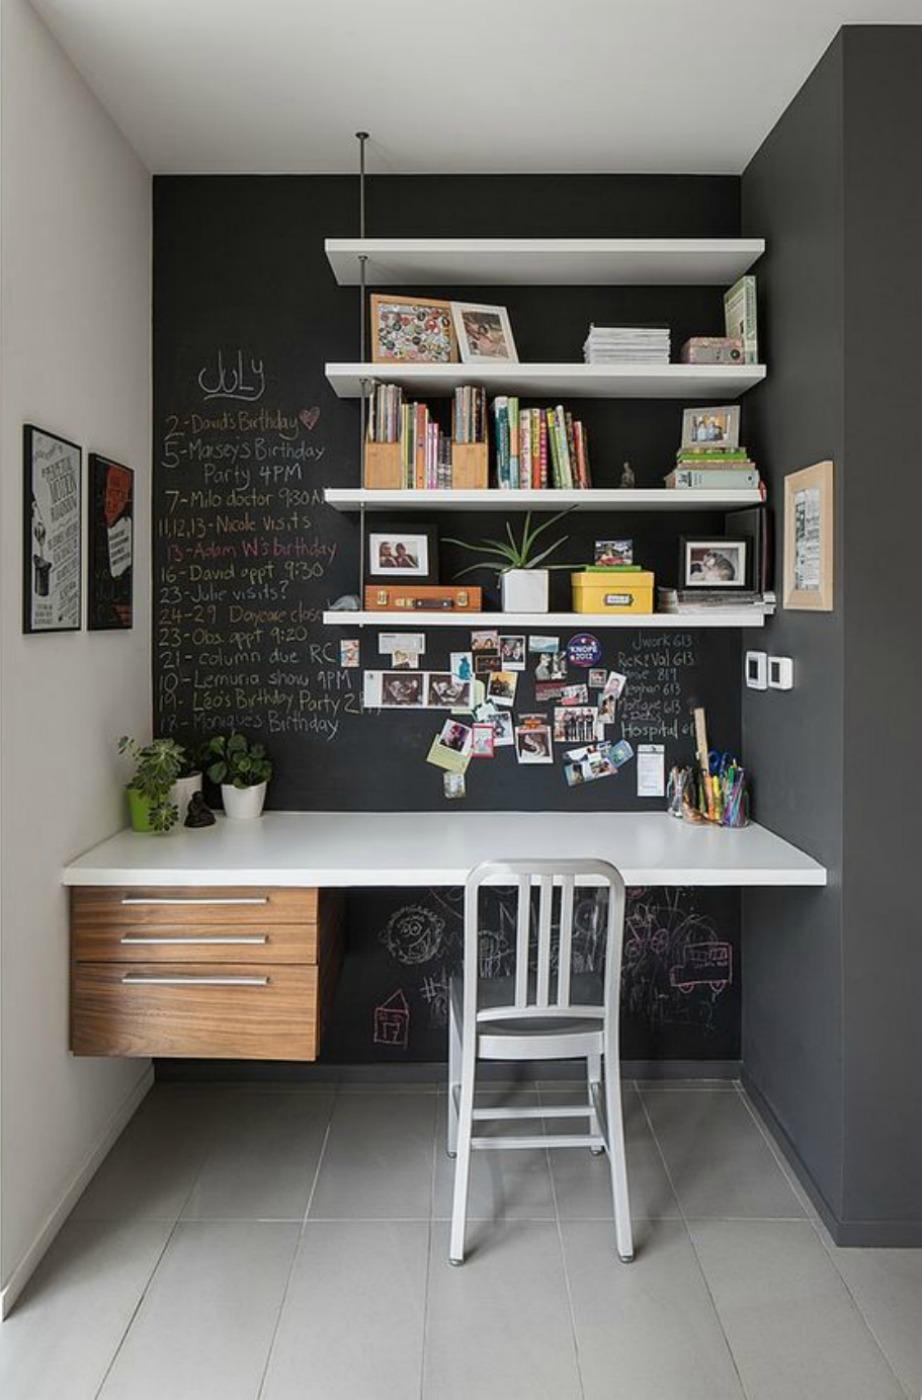 Τα ράφια είναι σωτήρια σχεδόν σε όλα τα δωμάτια που αντιμετωπίζουμε πρόβλημα χώρου και αποθήκευσης.